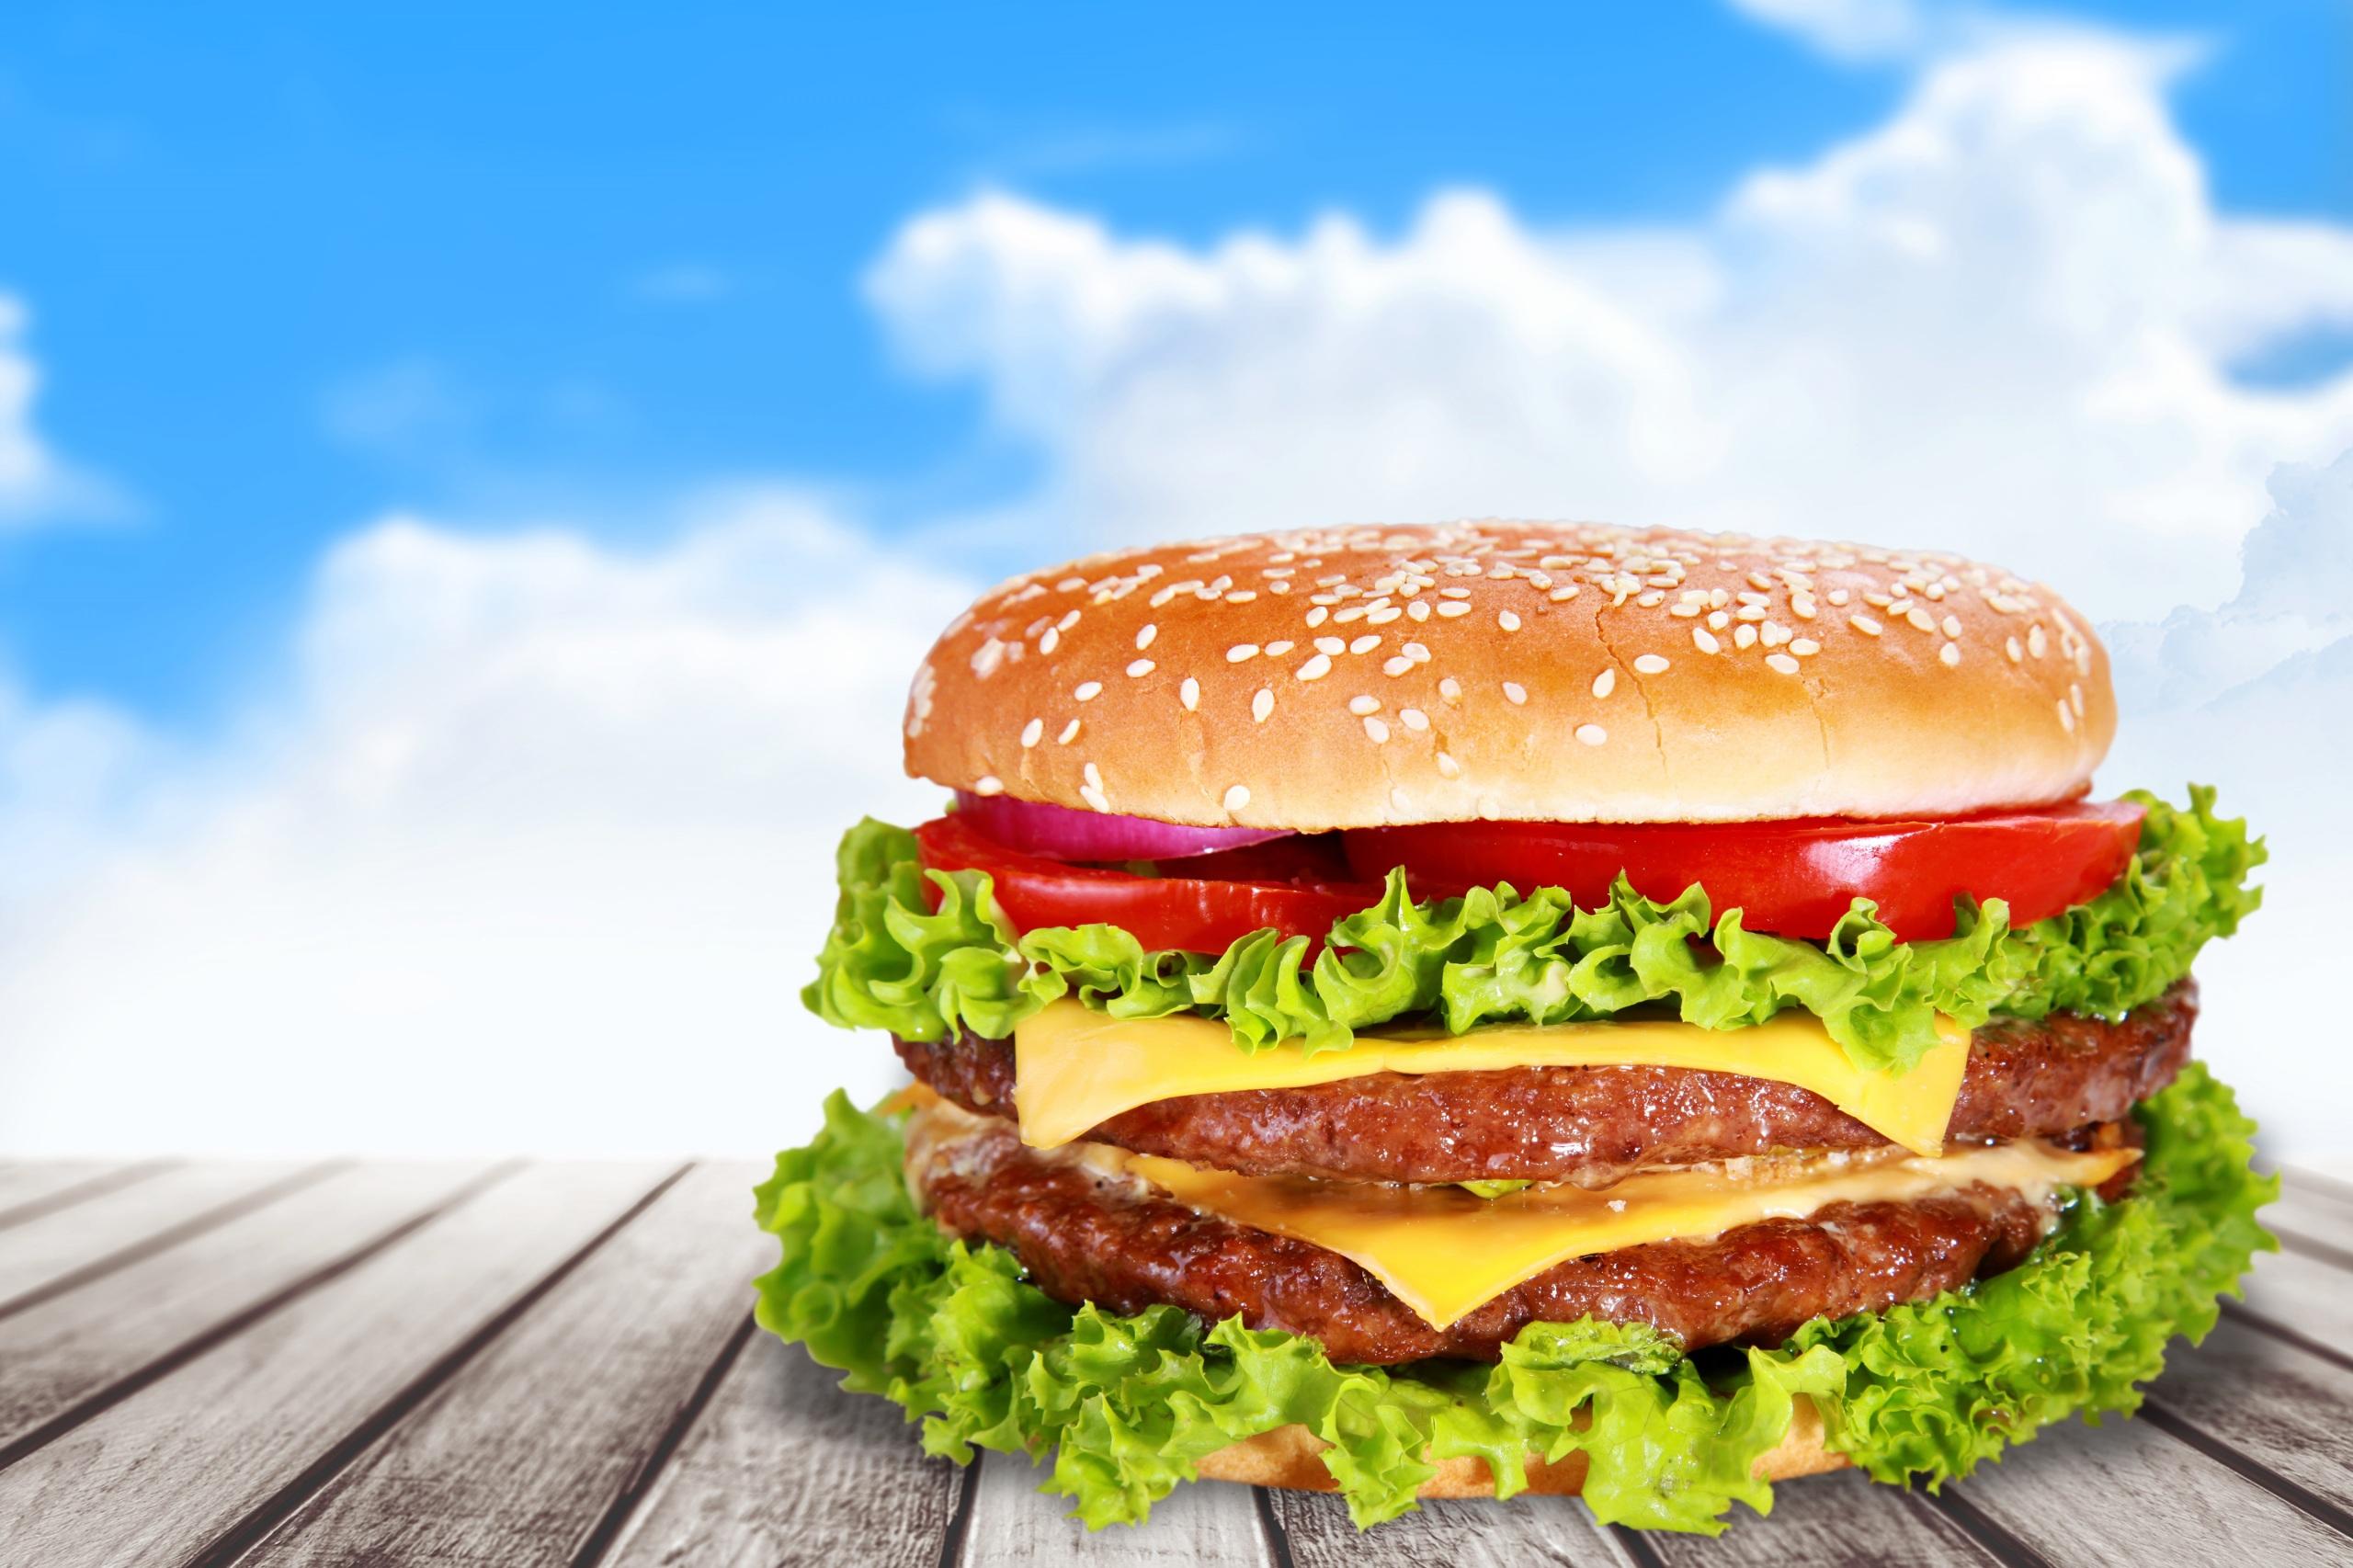 Fotos Hamburger Fast food Gemüse Lebensmittel Bretter 2560x1706 Burger das Essen